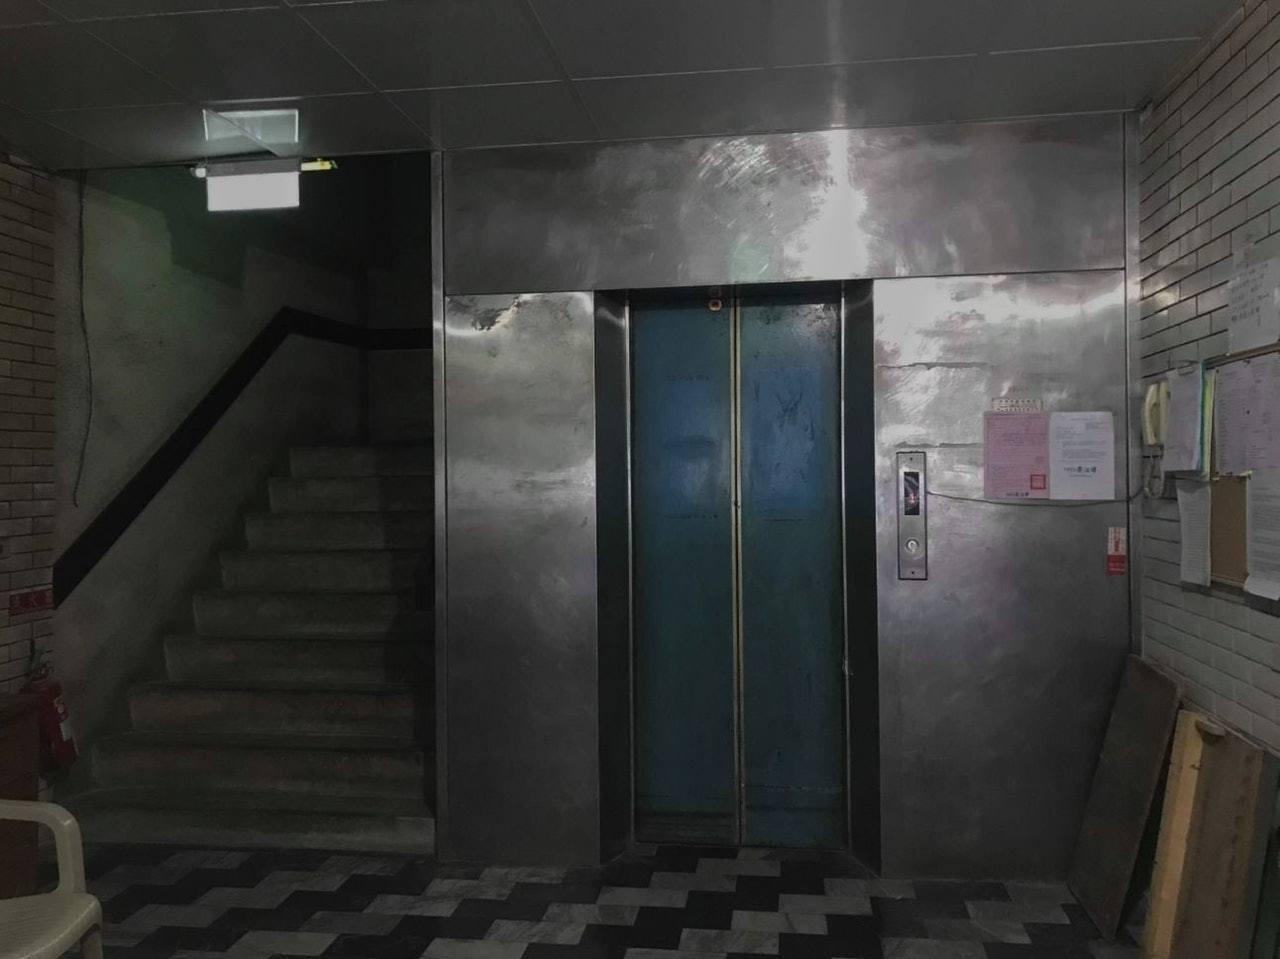 女到達民宿大廈後,發現氣氛超詭異,門口完全沒有招牌指示,公共空間亦沒有閉路電視。...